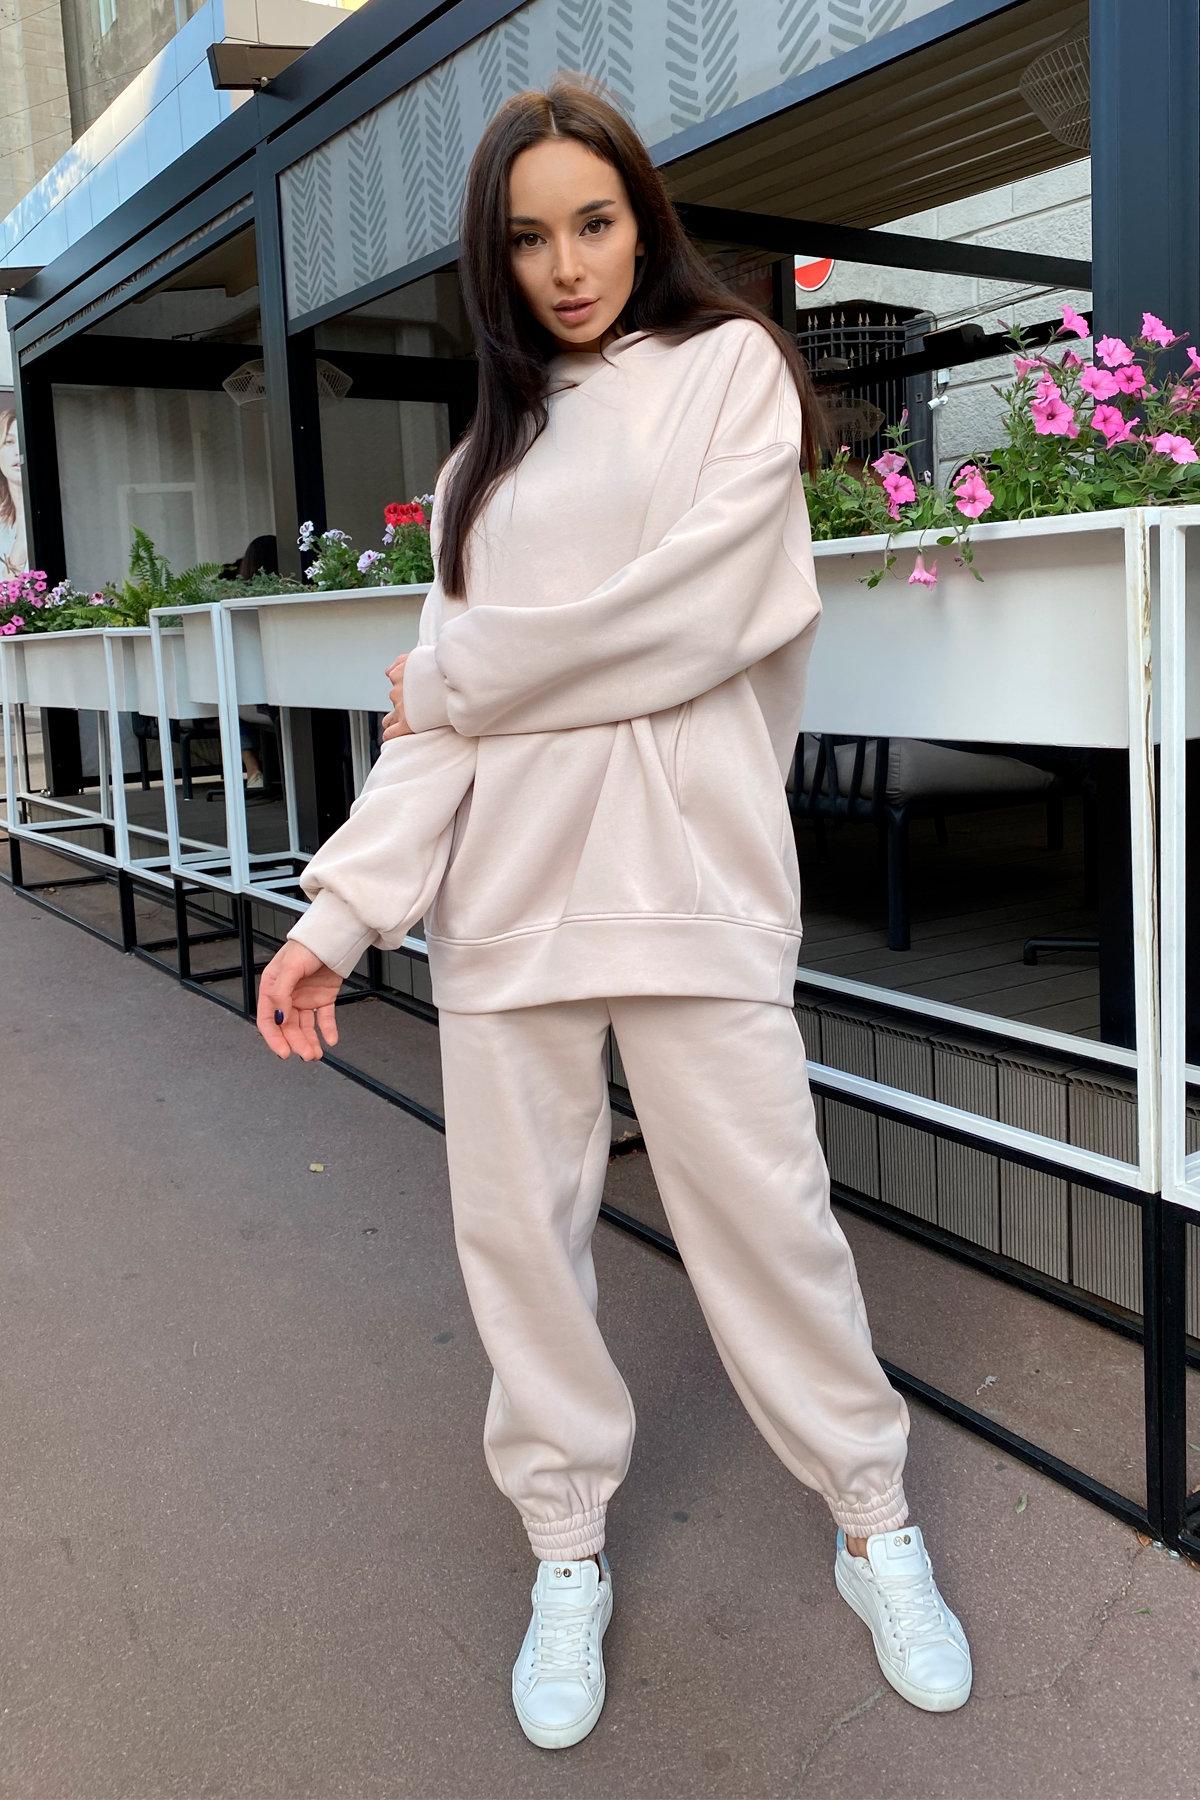 Марион костюм в  стиле Oversize  3х нитка 9651 АРТ. 45952 Цвет: св. бежевый - фото 5, интернет магазин tm-modus.ru